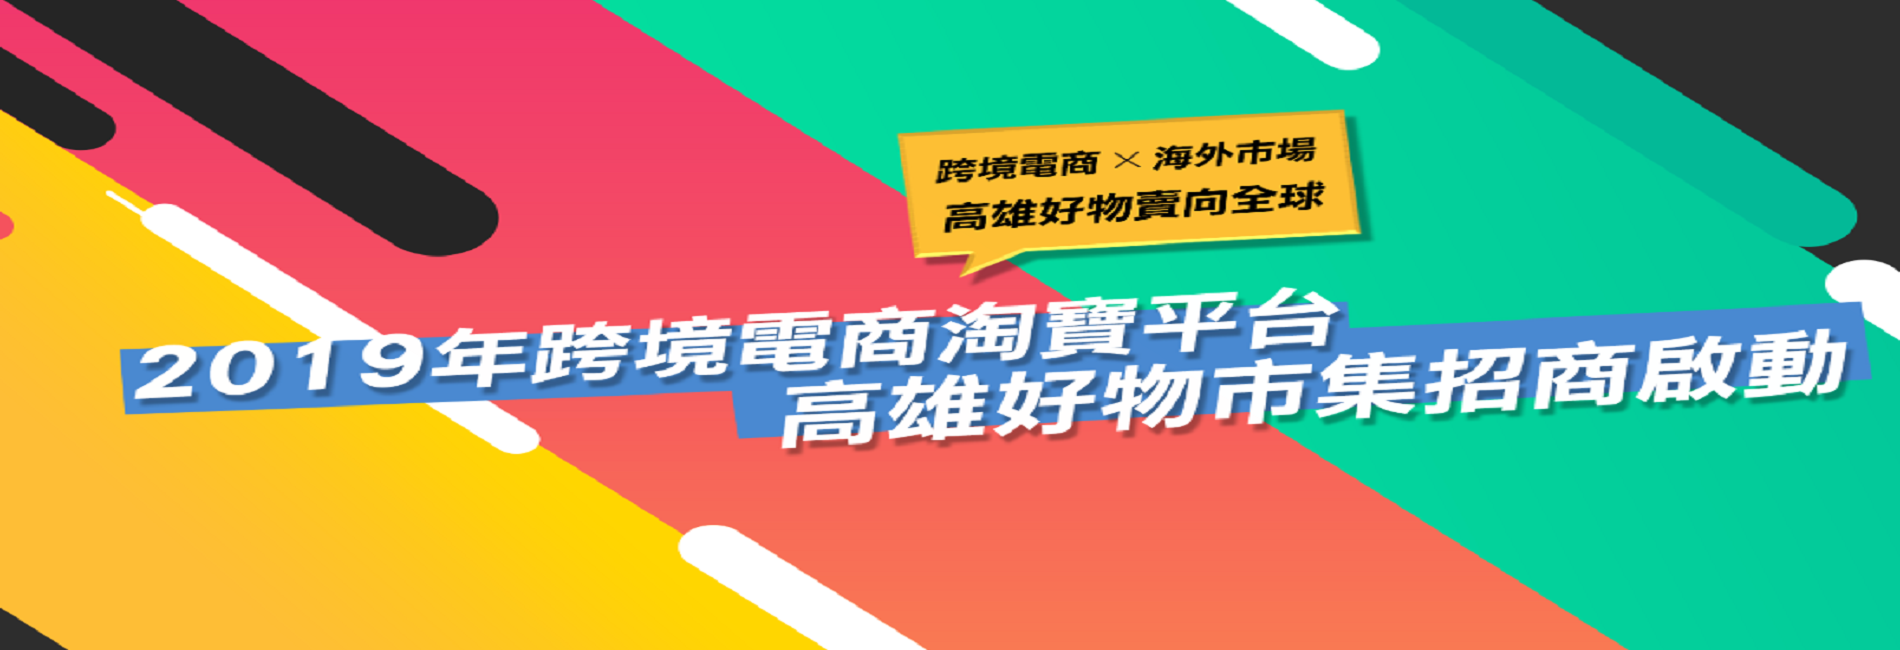 2019年跨境電商淘寶平台高雄專區-活動報名網址